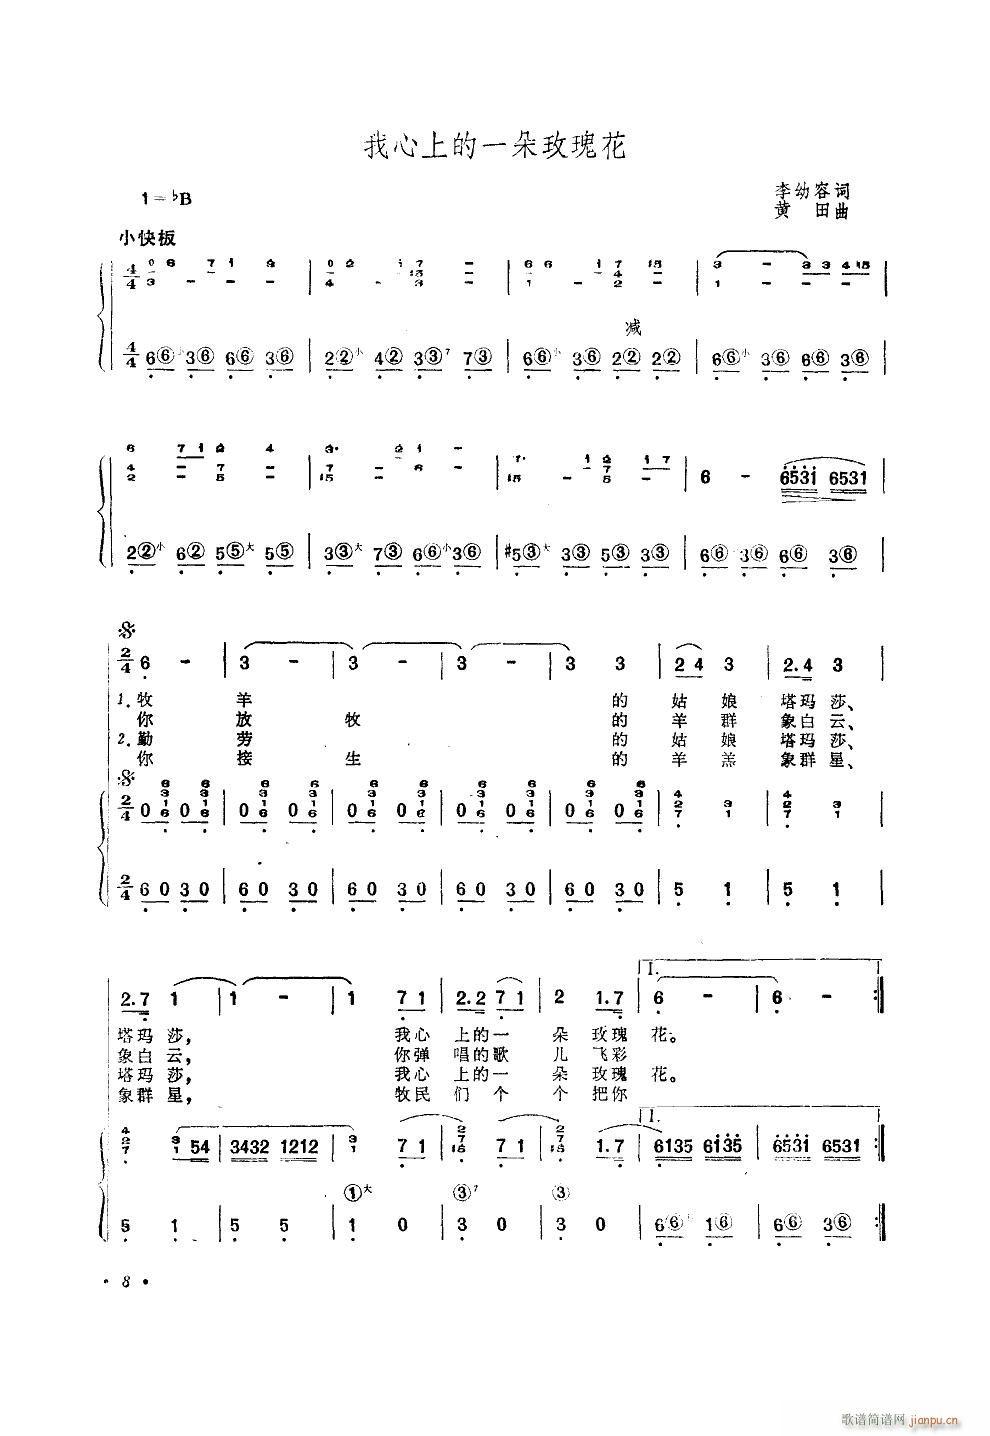 我心上的一朵玫瑰花 手风琴伴奏(手风琴谱)1